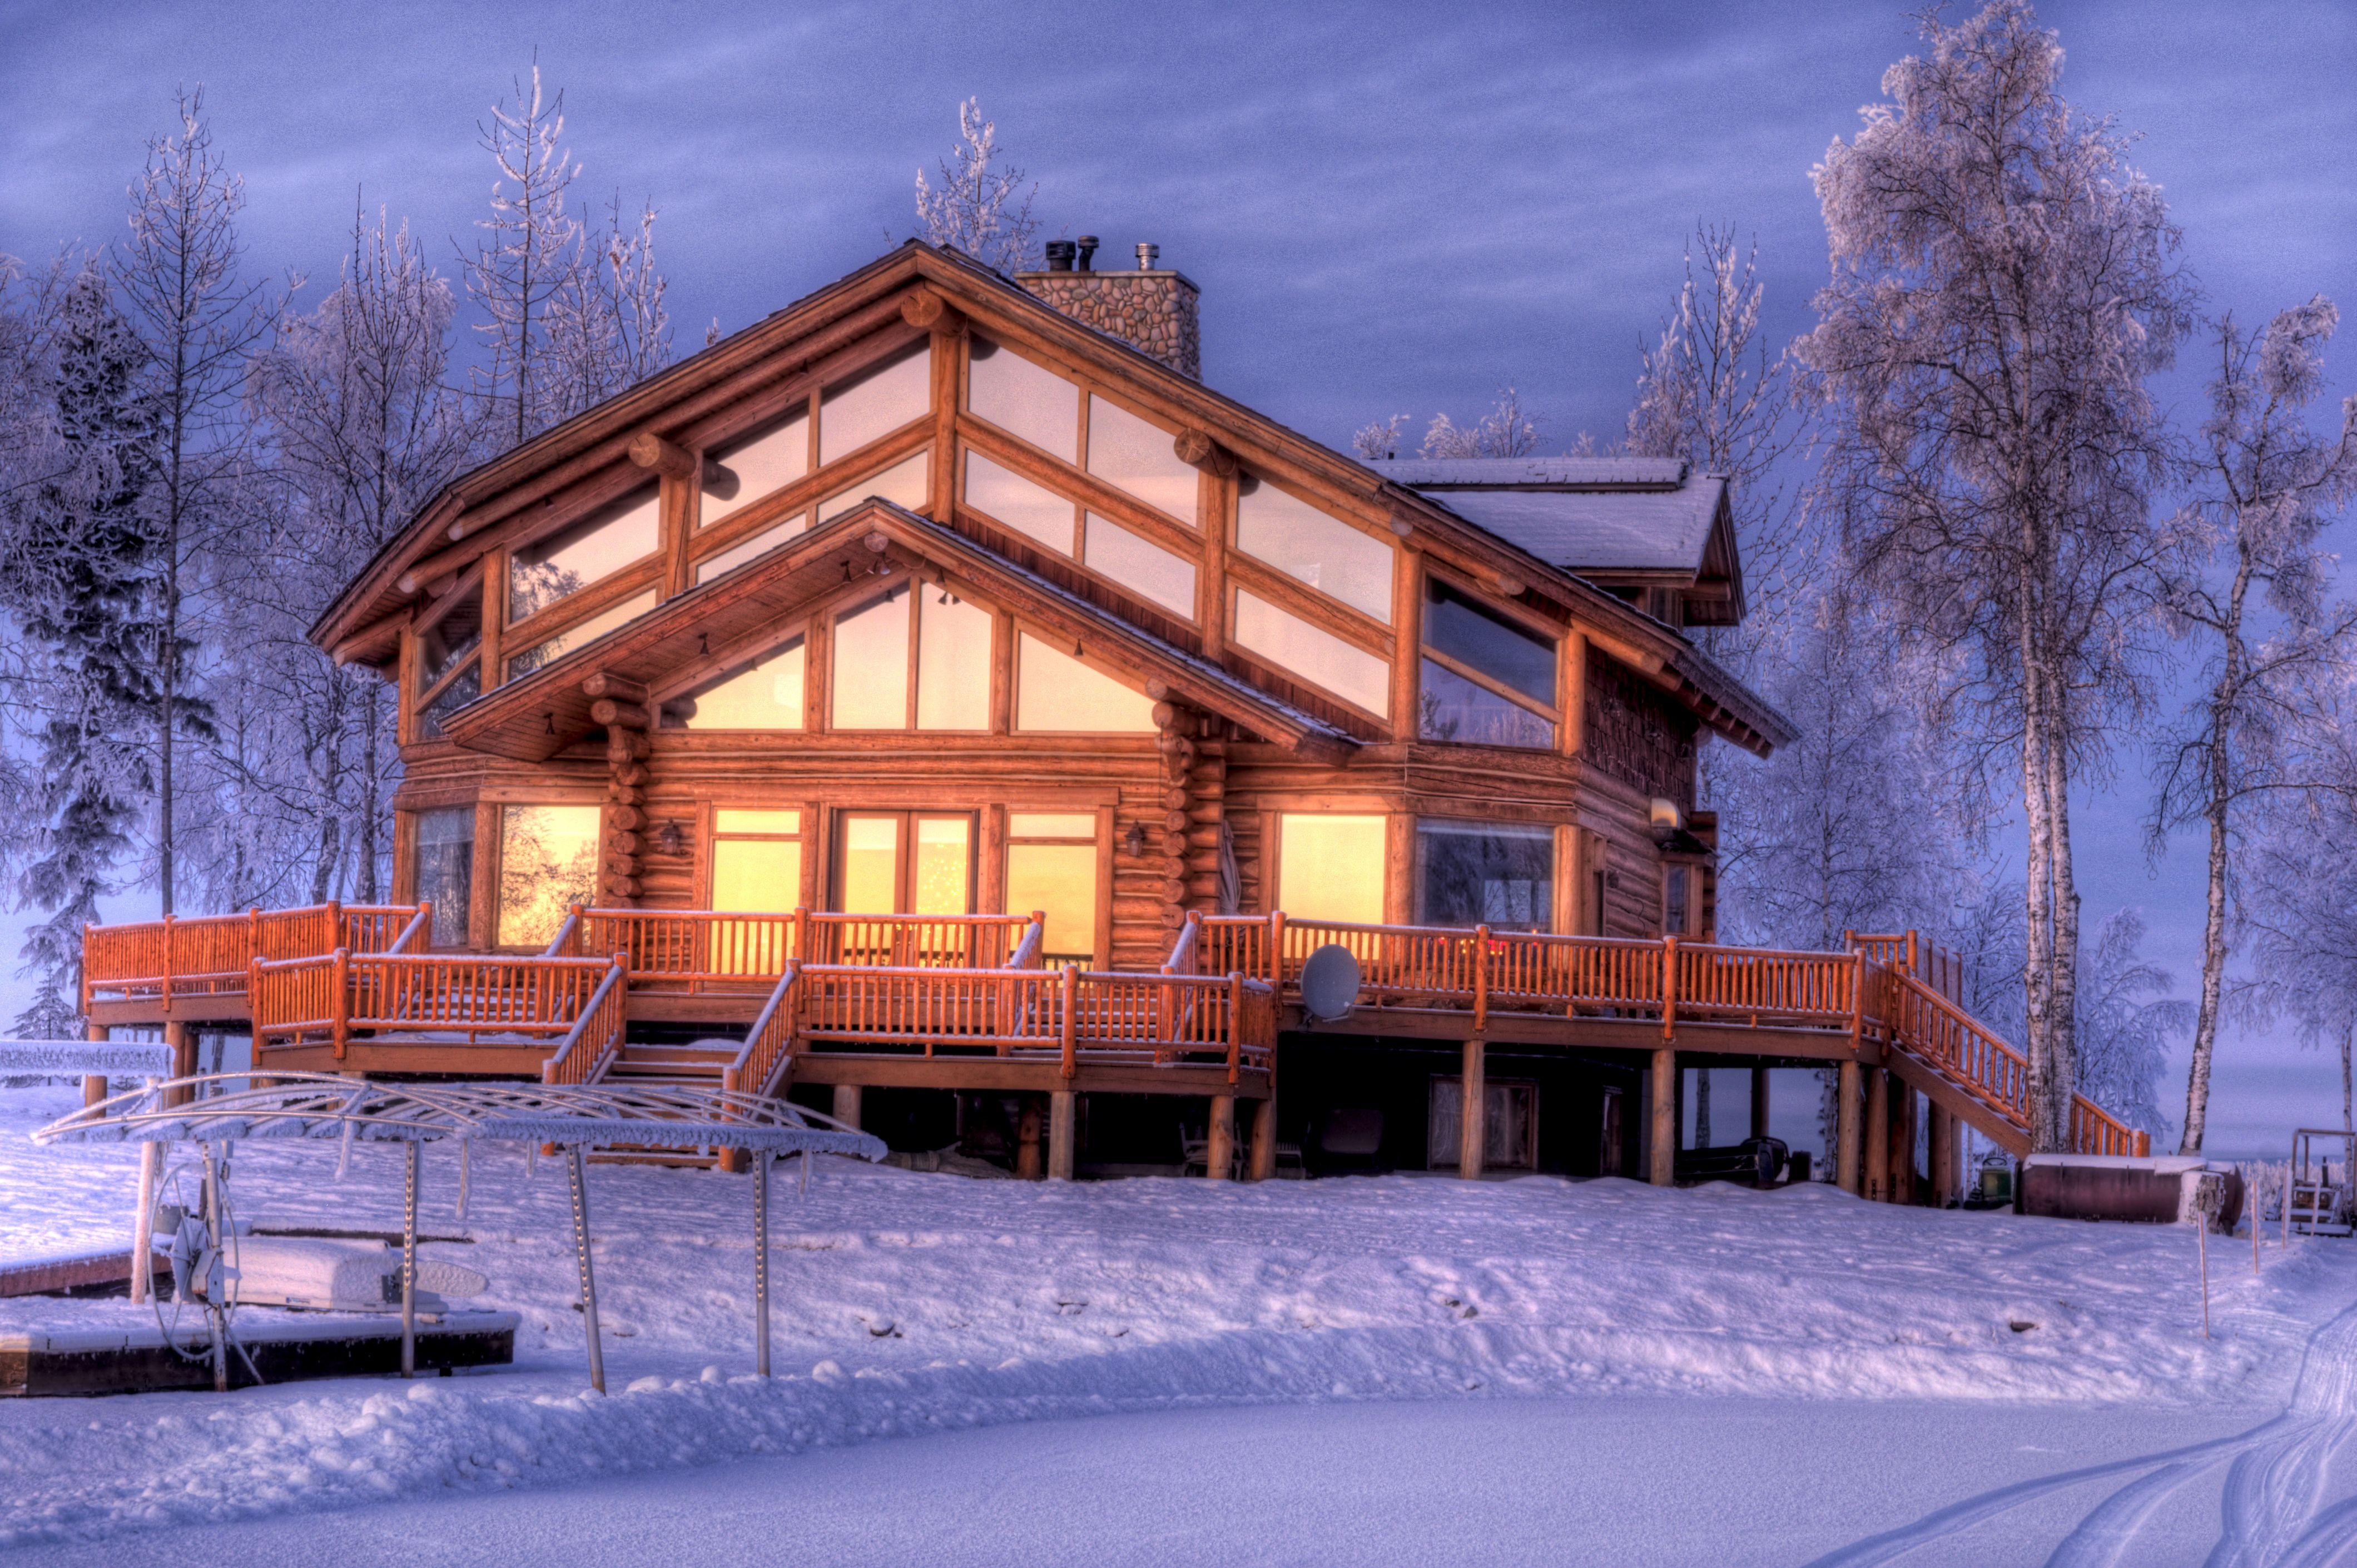 Alaska Dream Home - 98c07e1451e5082b66cc1f3d6f7e5c6b_Must see Alaska Dream Home - 98c07e1451e5082b66cc1f3d6f7e5c6b  Photograph_138725.jpg